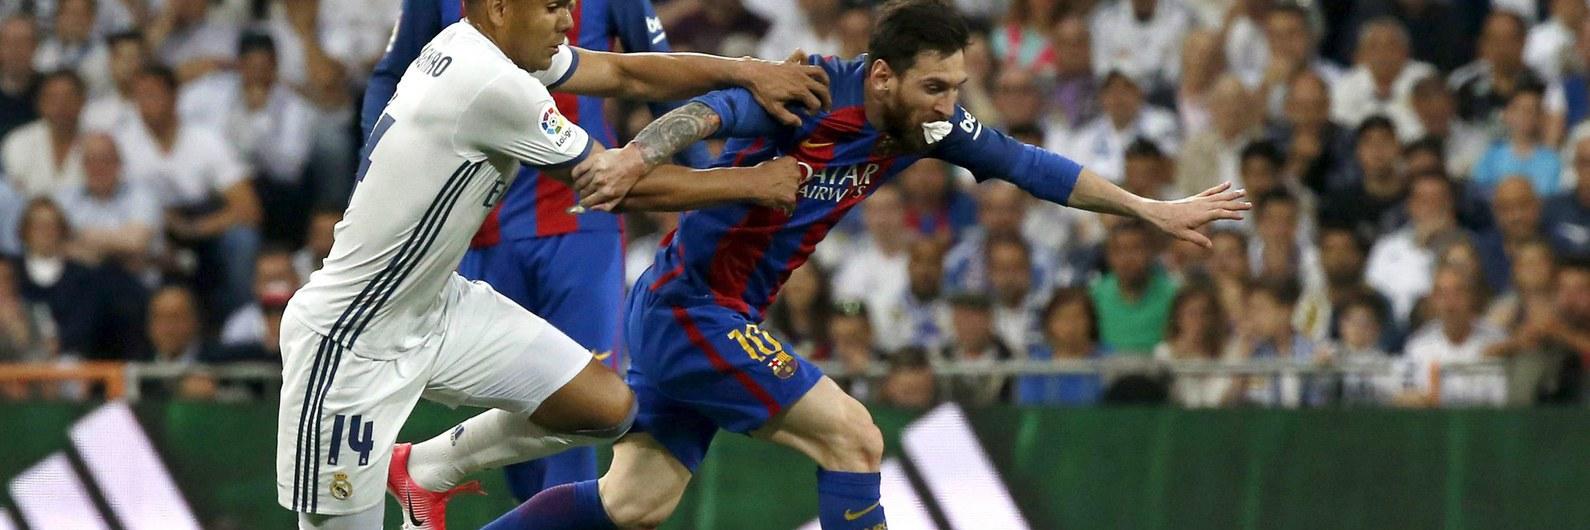 Capello denuncia plano dos jogadores do Real para lesionarem Messi